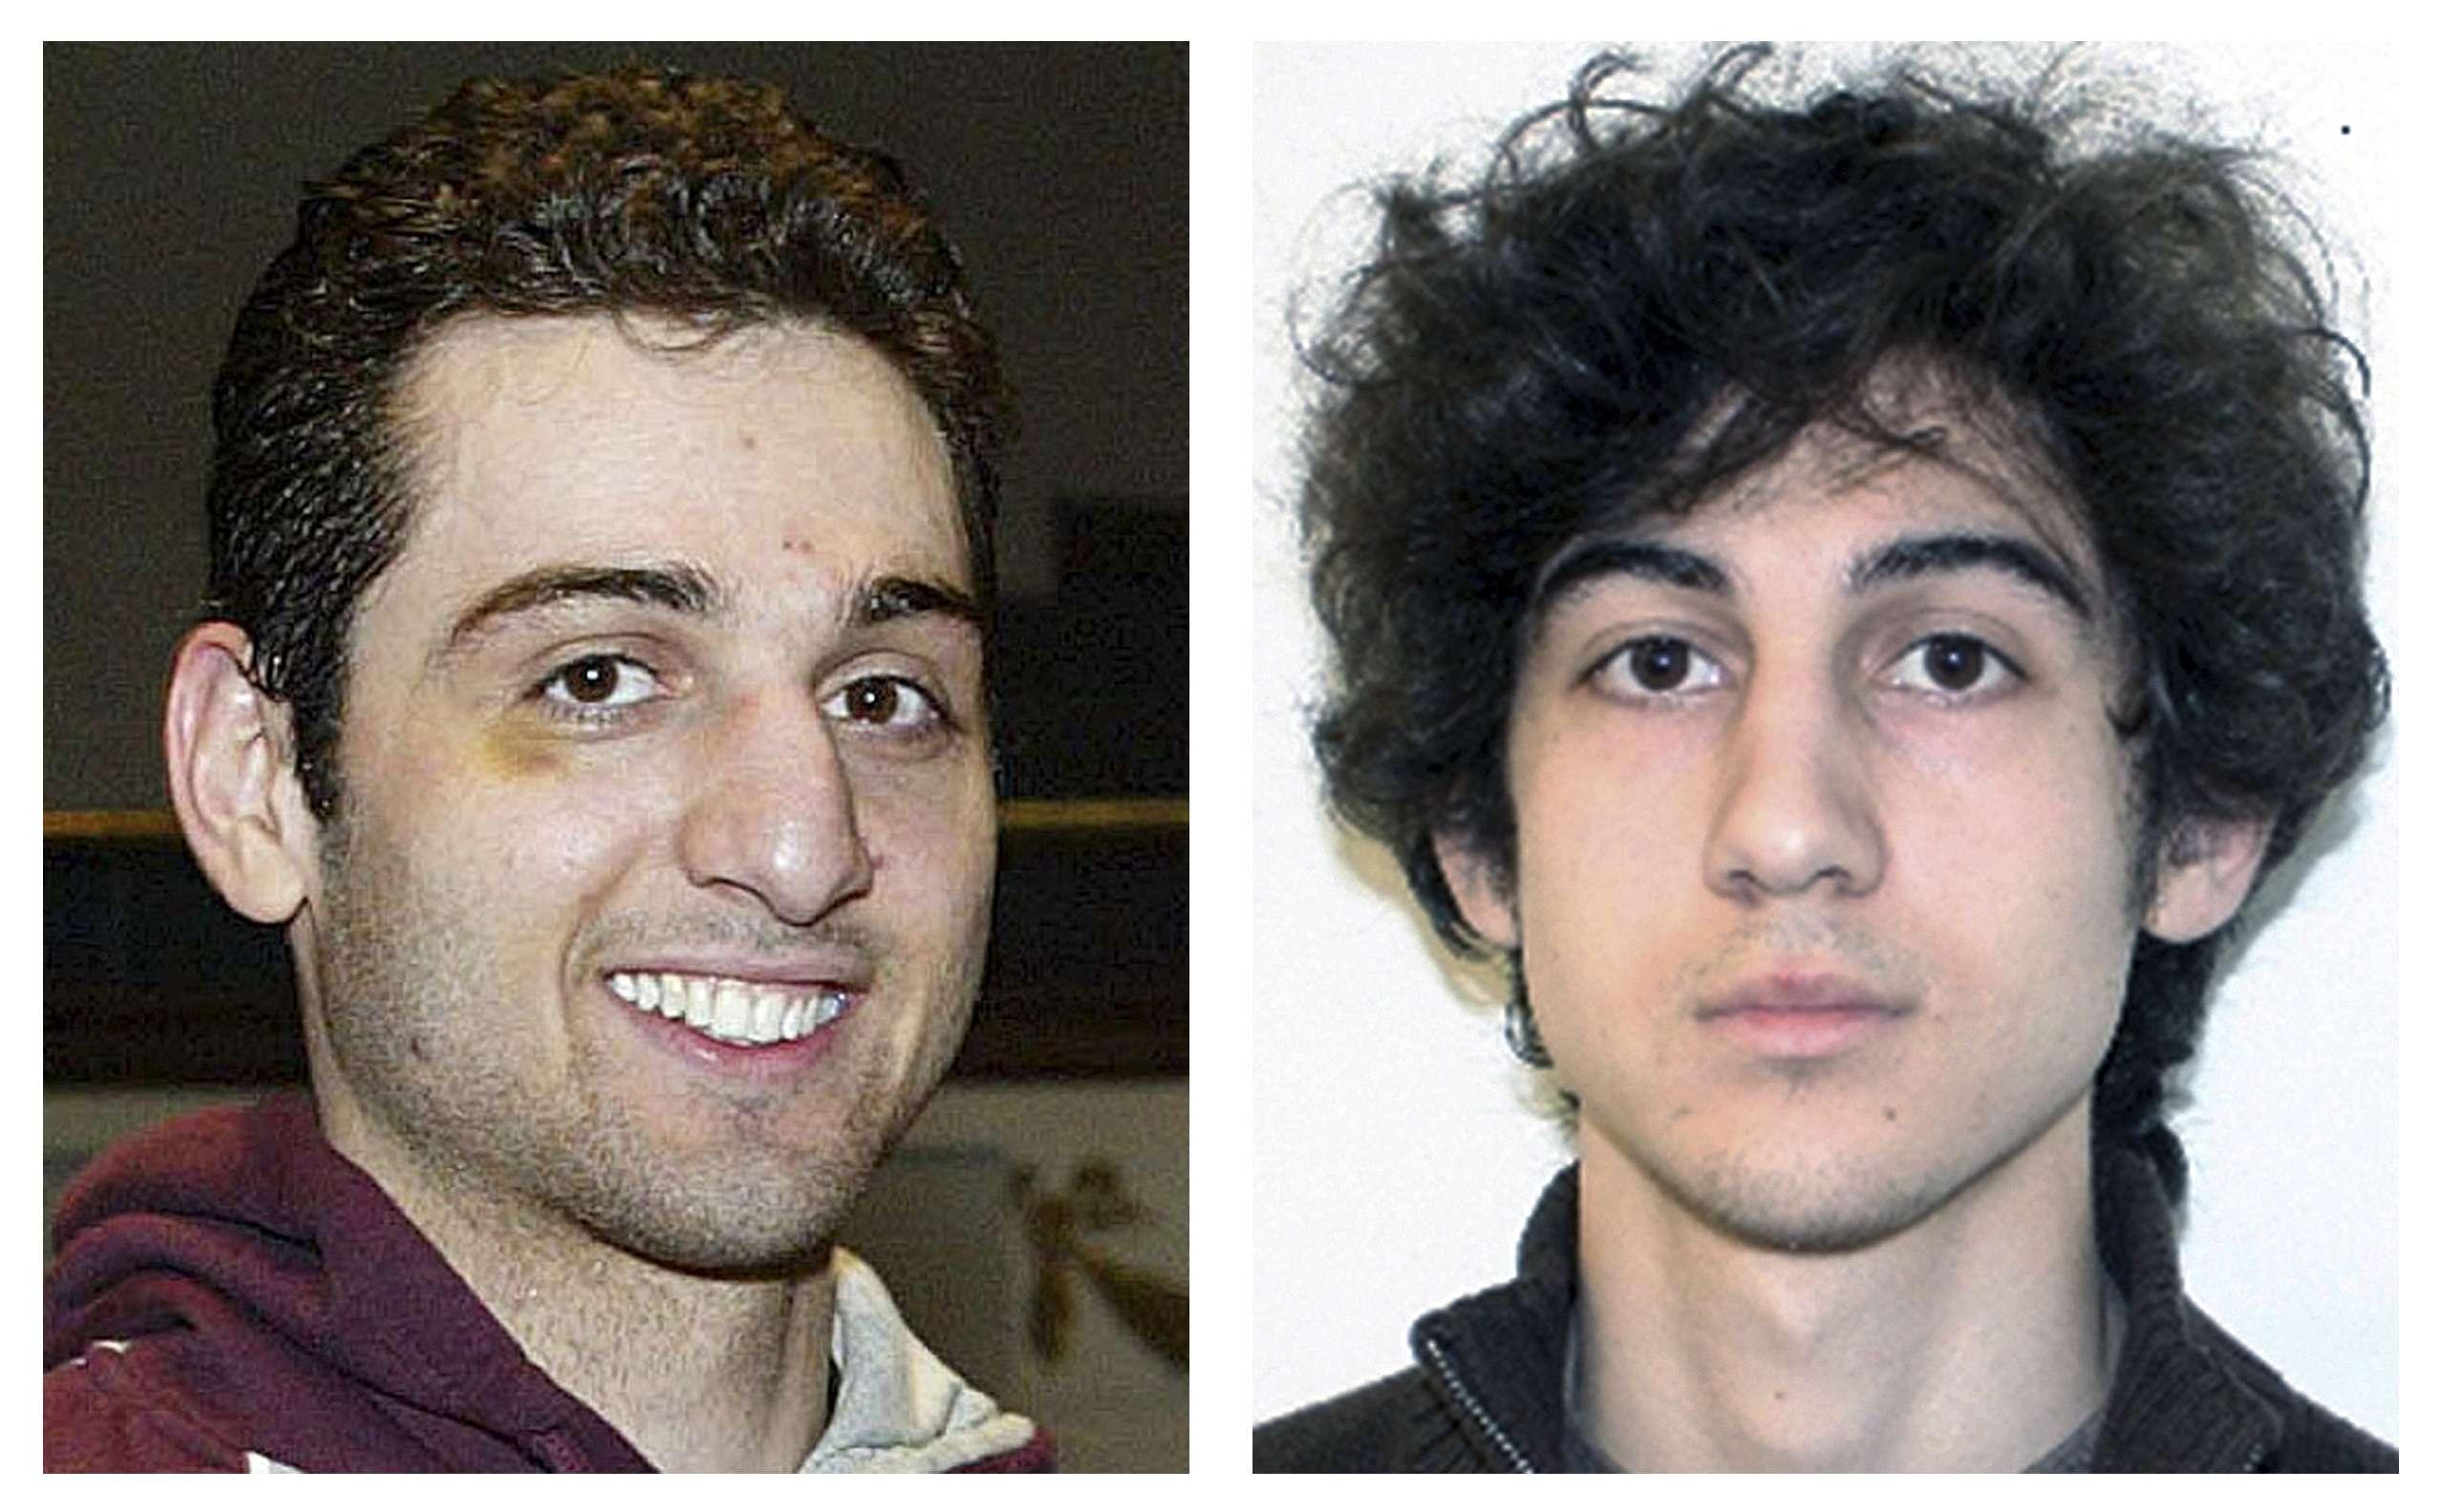 Fotografías de los hermanos Tamerlan (izquieda) y Dzhokhar Tsarnaev, sospechosos del atentado cometido en el Maratón de Boston el 15 de abril de 2013. Foto: AP en español